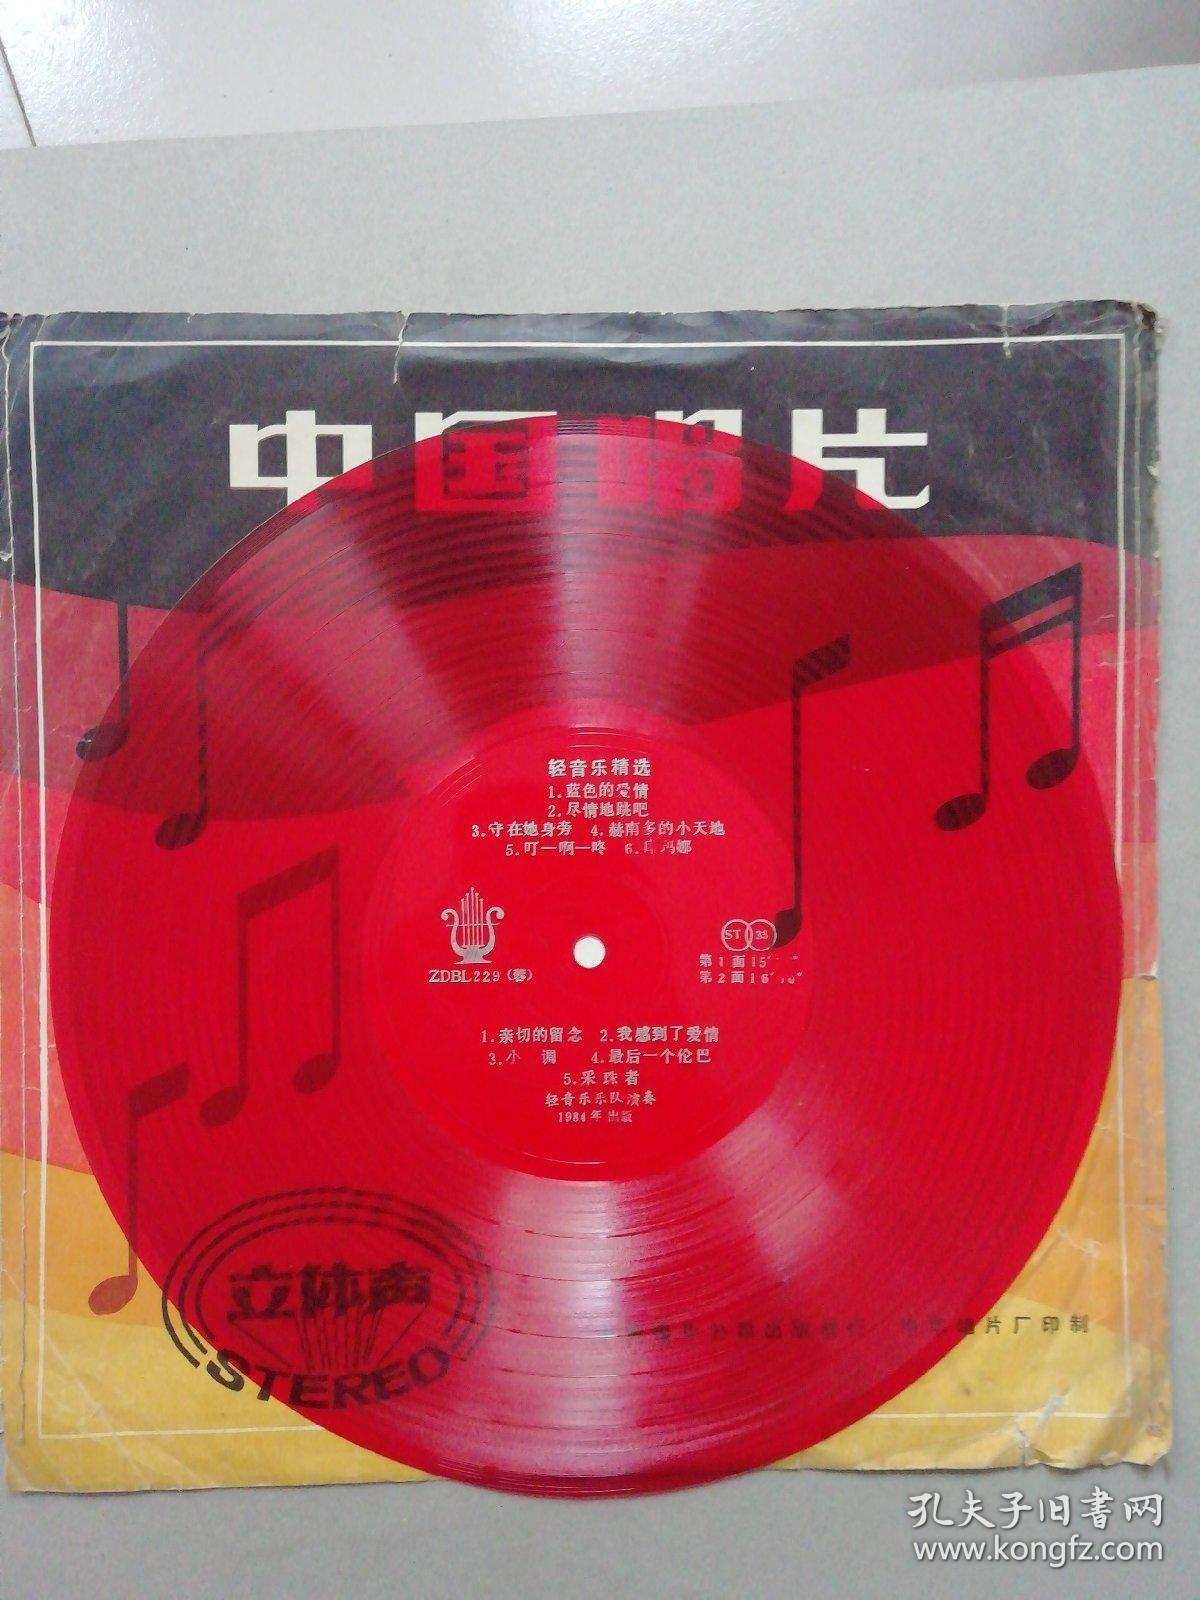 大薄膜唱片:轻音乐精选( 蓝色的爱情,尽情的跳吧,守在她身边,叮-啊-咚,库玛娜,亲切的思念,我感到了爱情,小调,最后一个伦巴,彩珠者,2面10首歌曲)